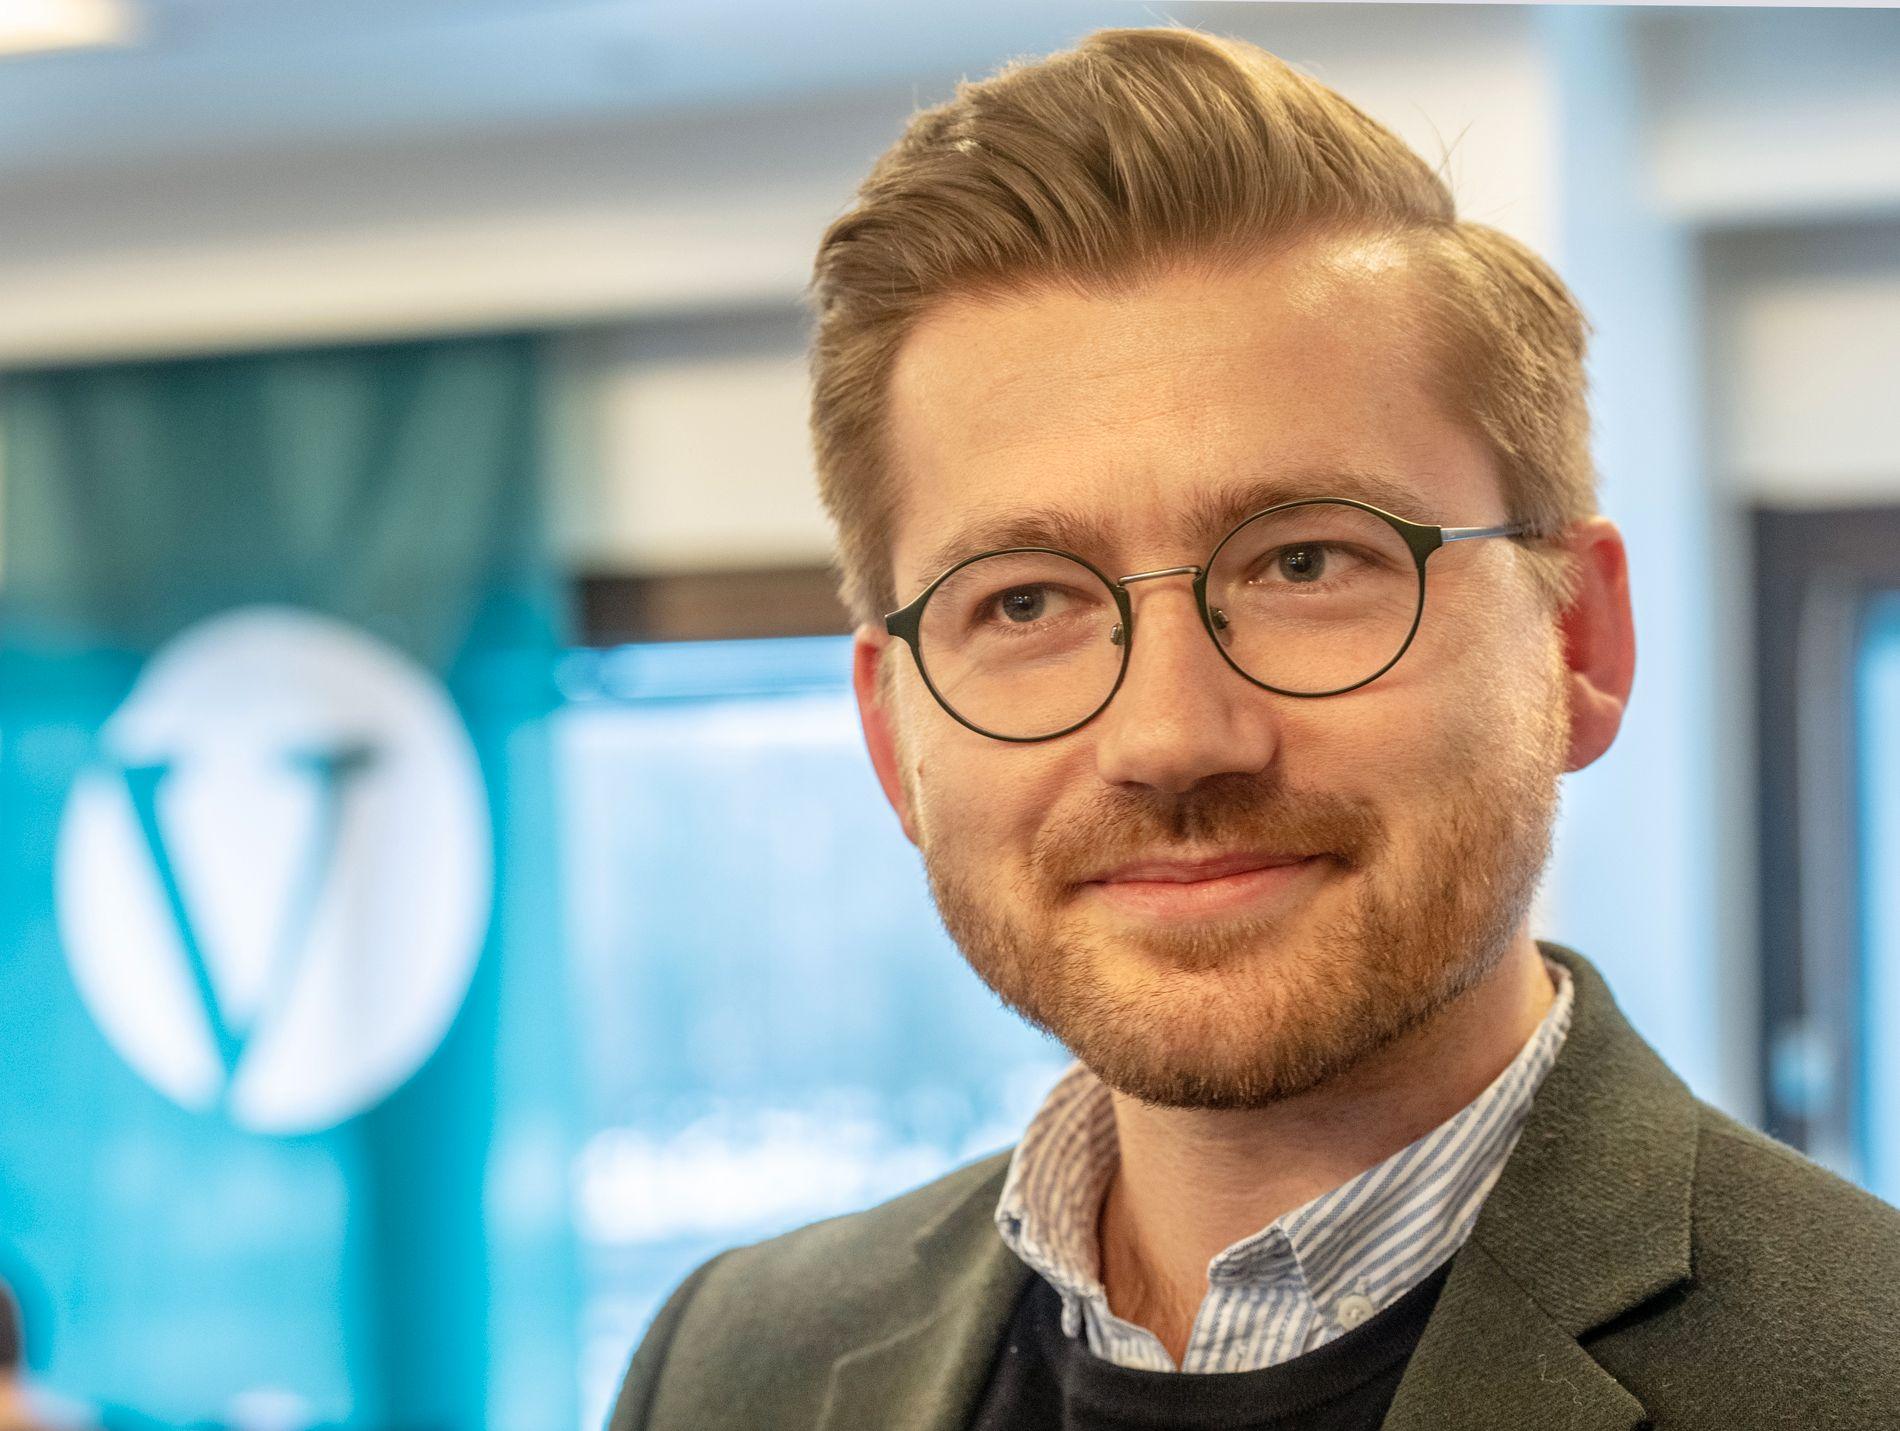 TROR IKKE PÅ MAGISKE KREFTER: Sveinung Rotevatn, statssekretær for Venstre, stemte for å endre styreformen i Norge. Men han ønsker prinsessen hell i kjærligheten.